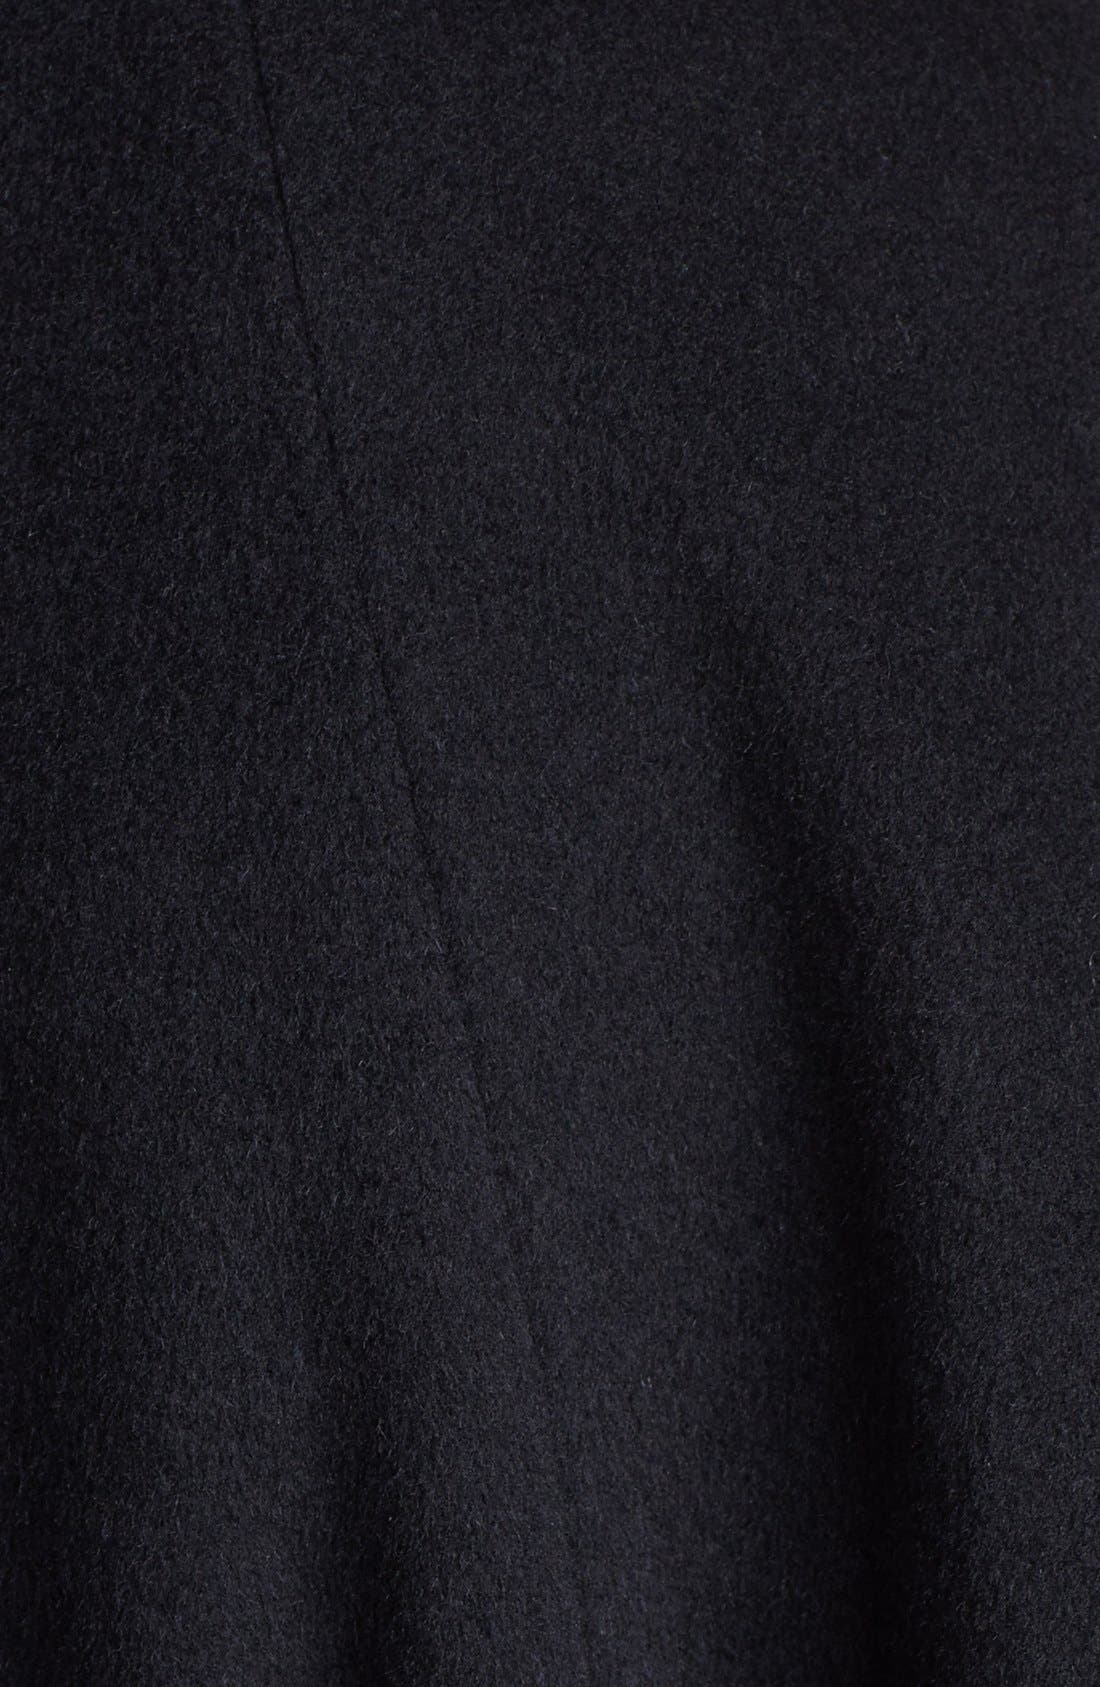 Faux Fur Trim Belted Cape,                             Alternate thumbnail 2, color,                             001